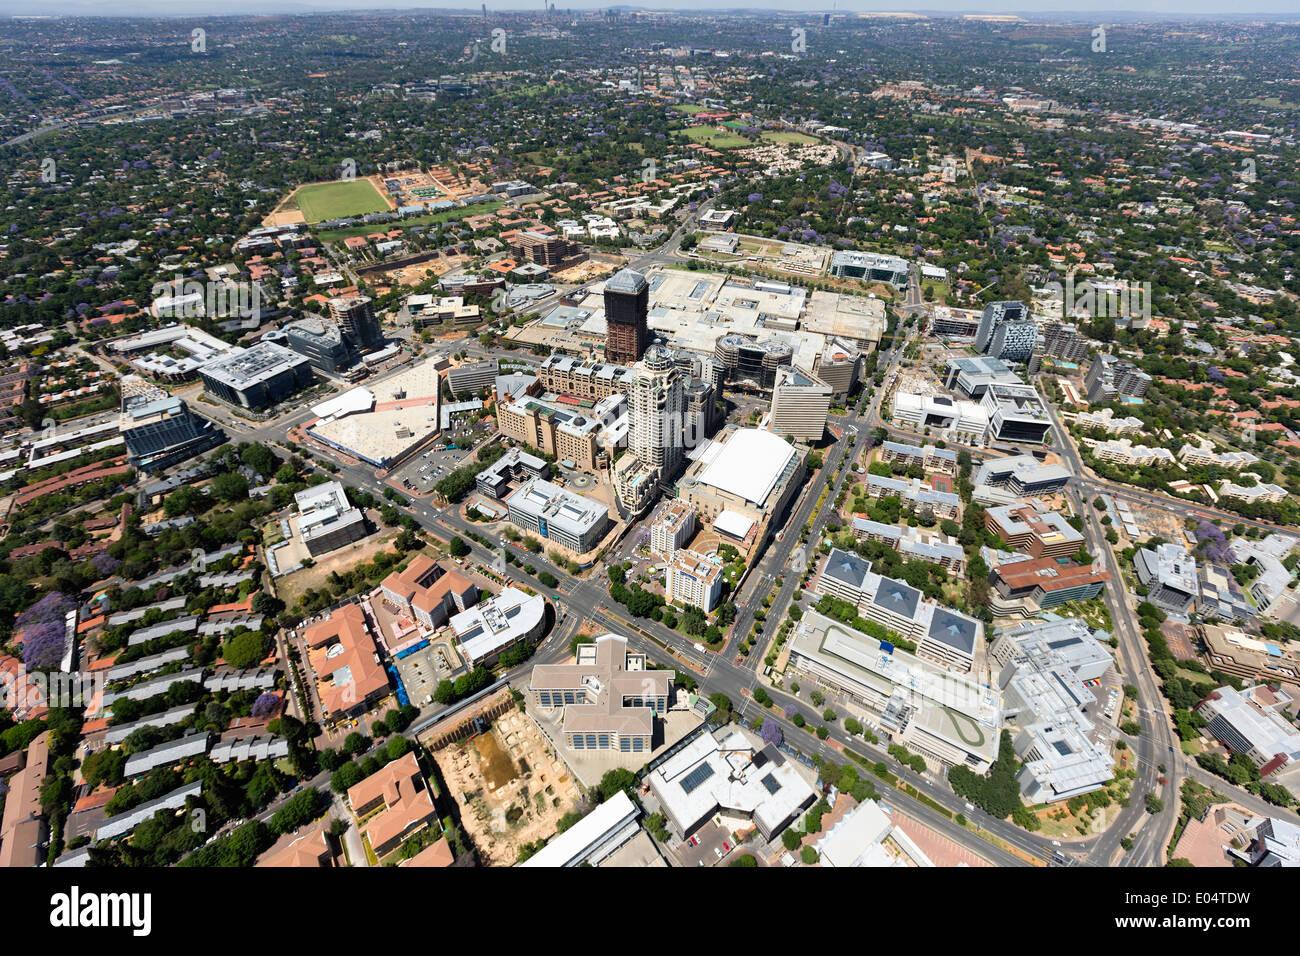 Vue aérienne de Sandton, immeubles de grande hauteur, Johannesburg, Afrique du Sud. Photo Stock